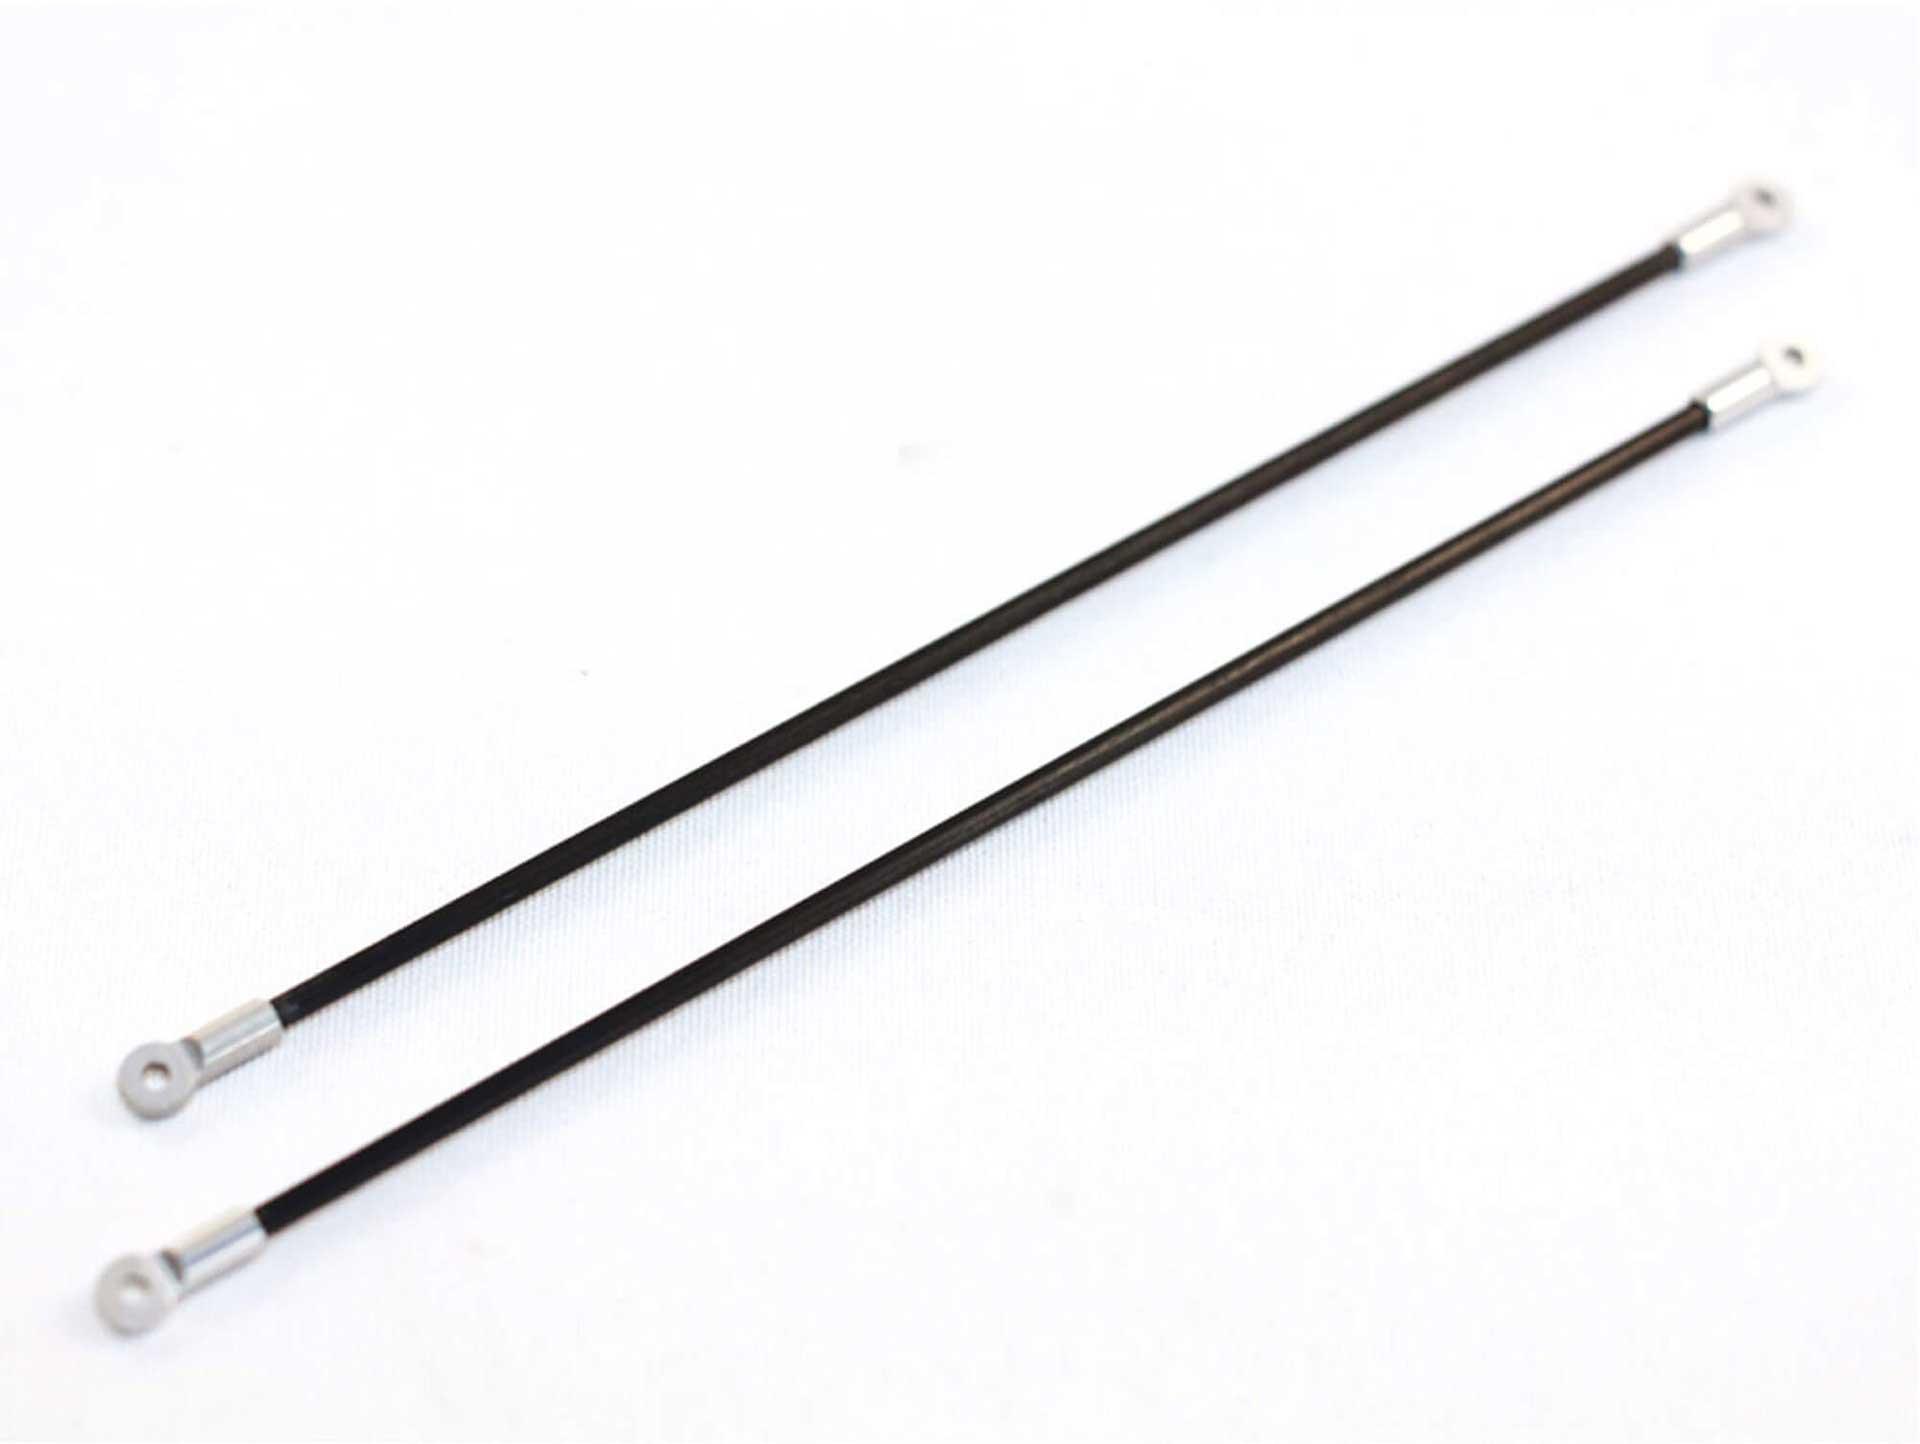 STAUFENBIEL Blade 180 CFX: Tuning boom support set CFK/Alu